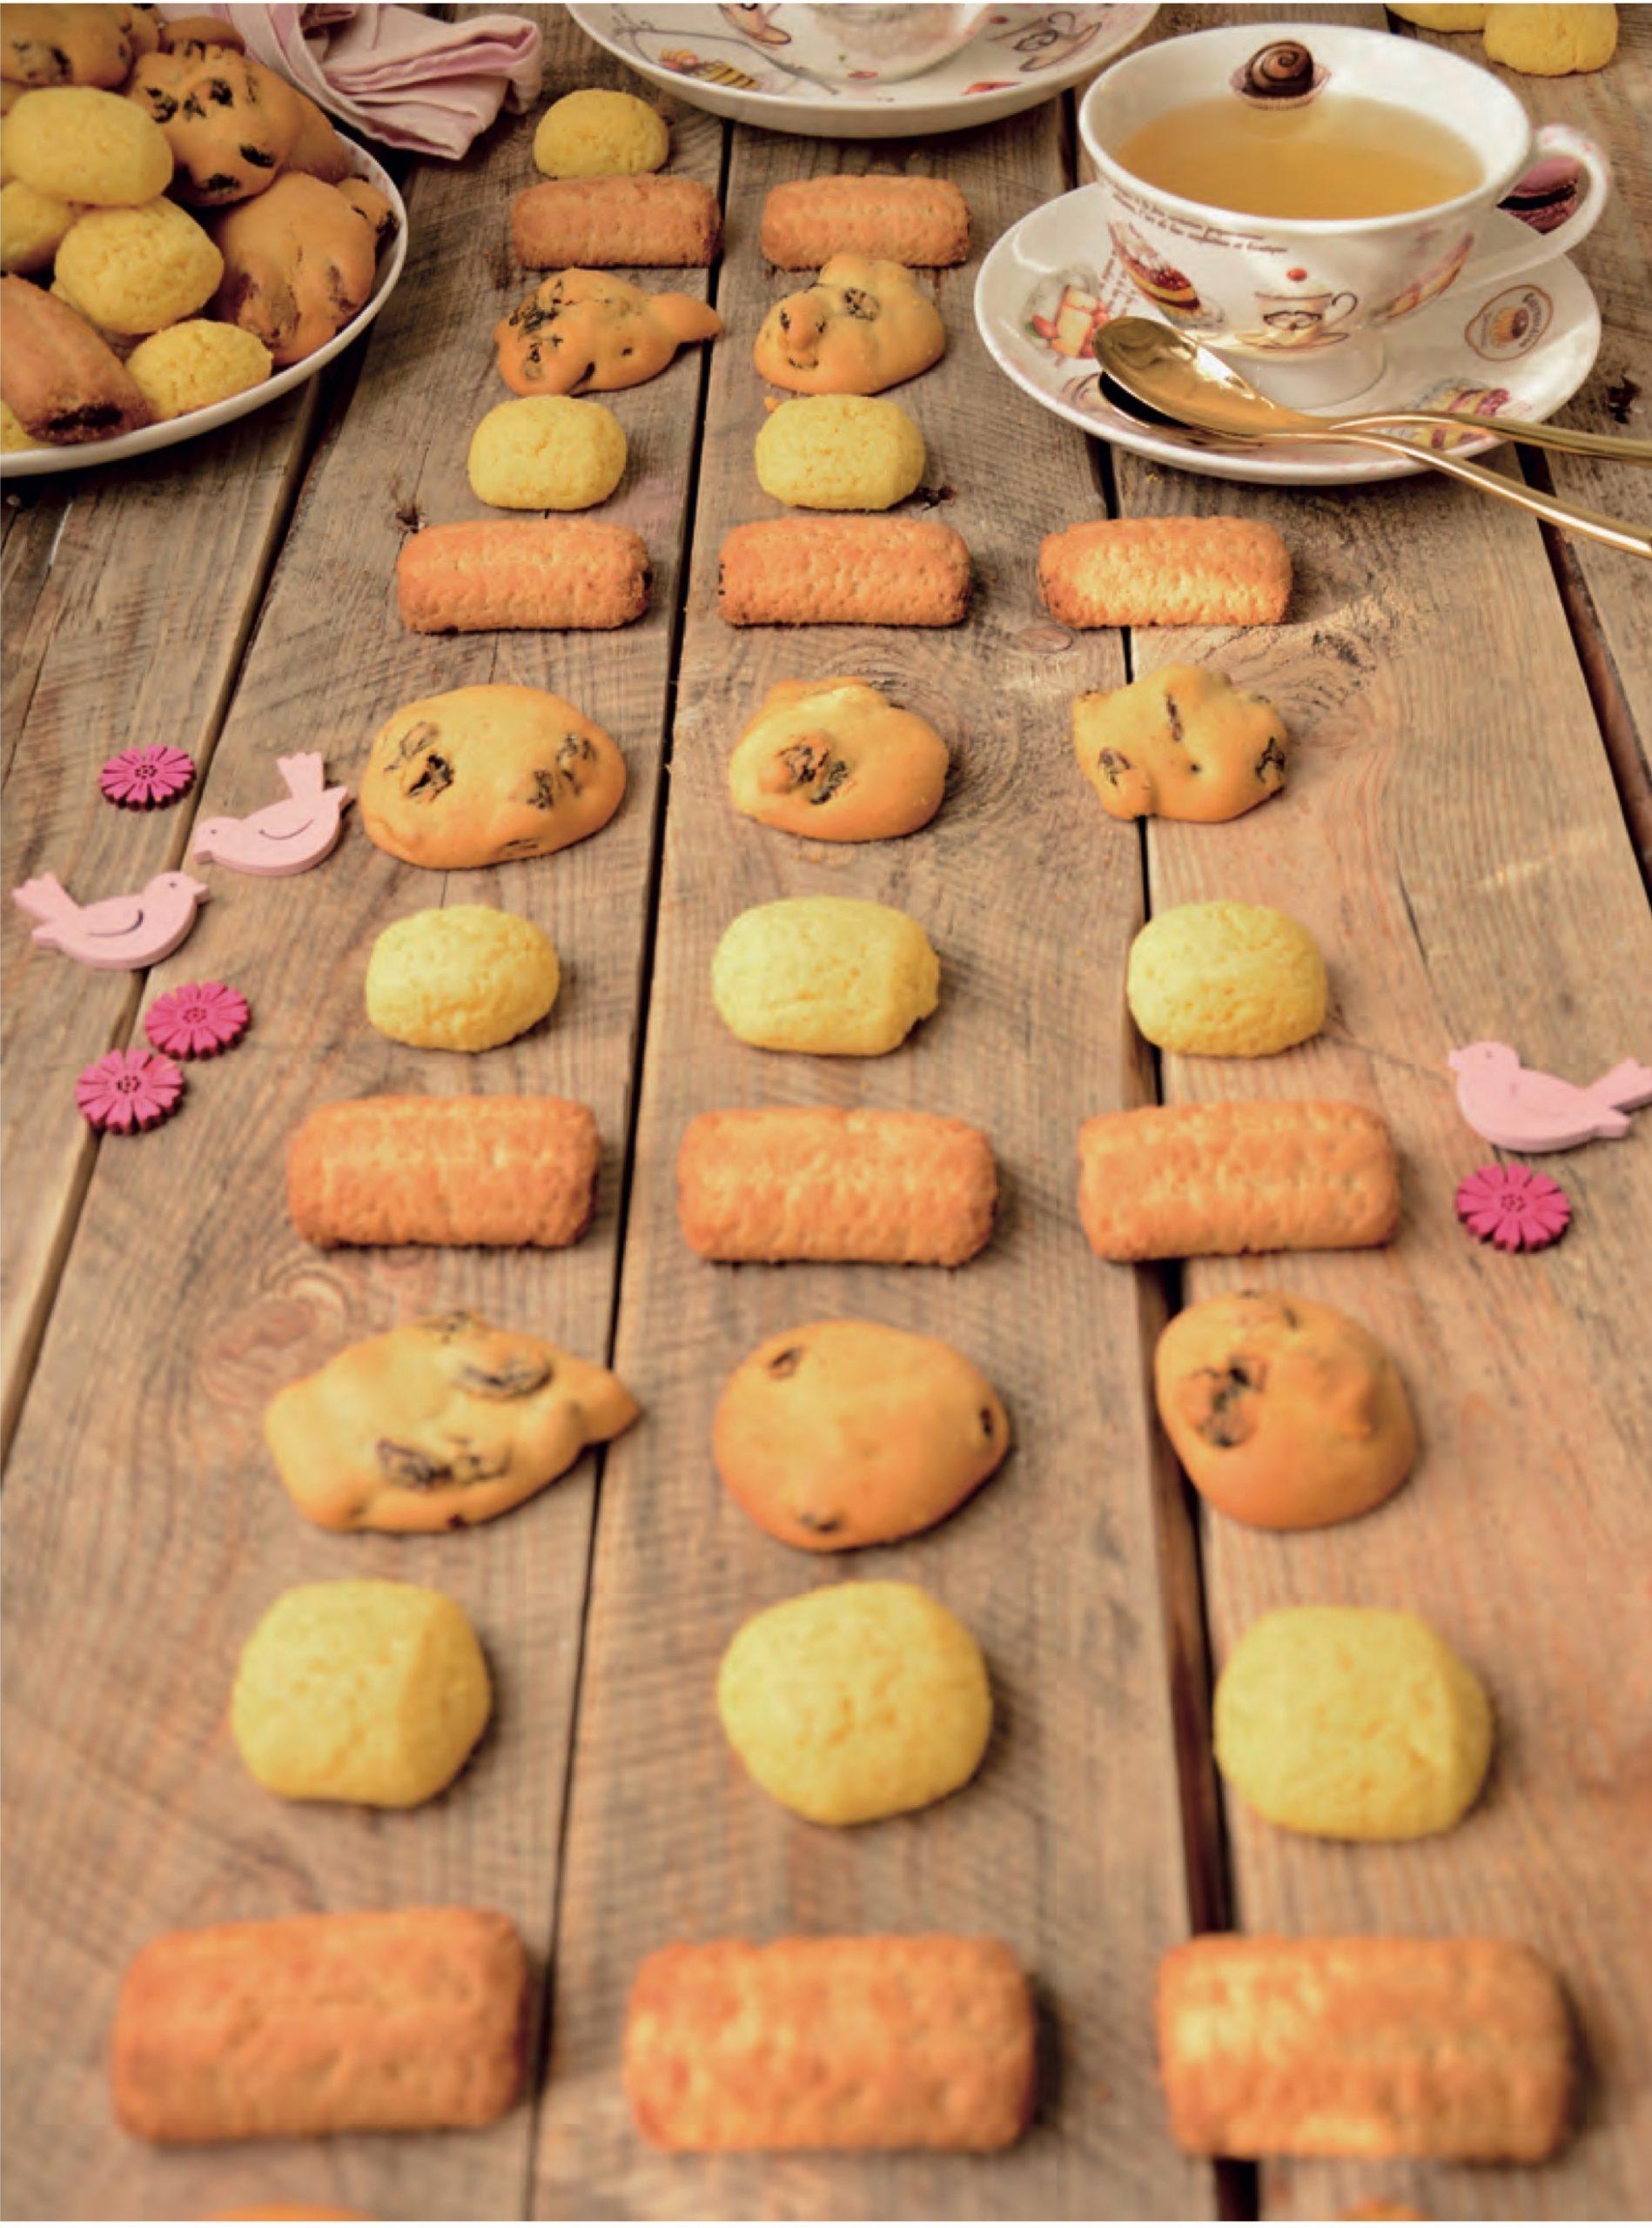 Il piano focale è la nona fila di biscotti dal basso